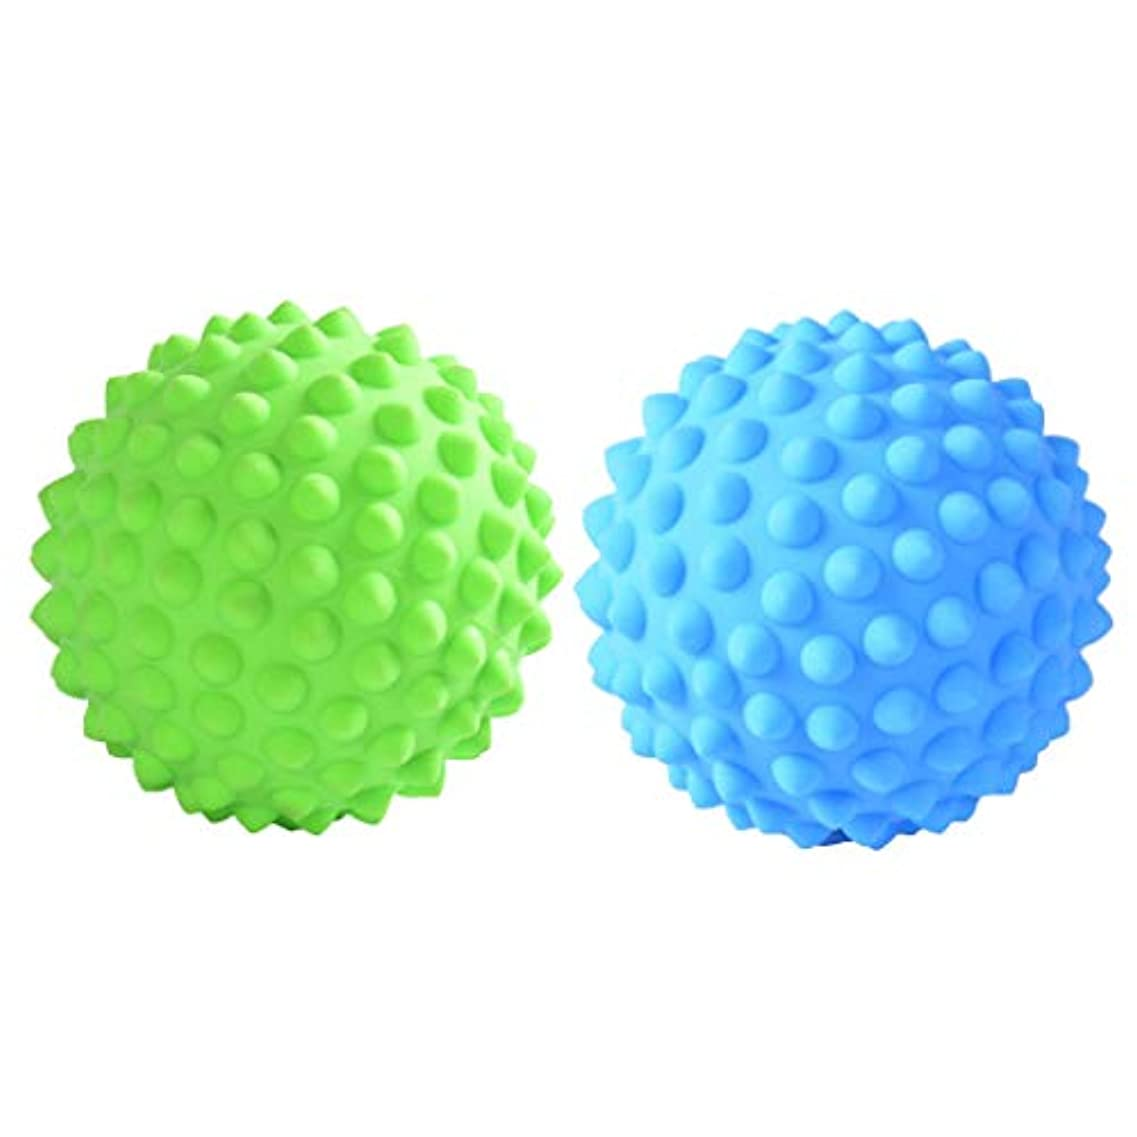 職業ブラウズ加入マッサージローラーボール 指圧ボール トリガーポイント疲れ解消ボール ヨガ疲労軽減 筋膜リリース2個